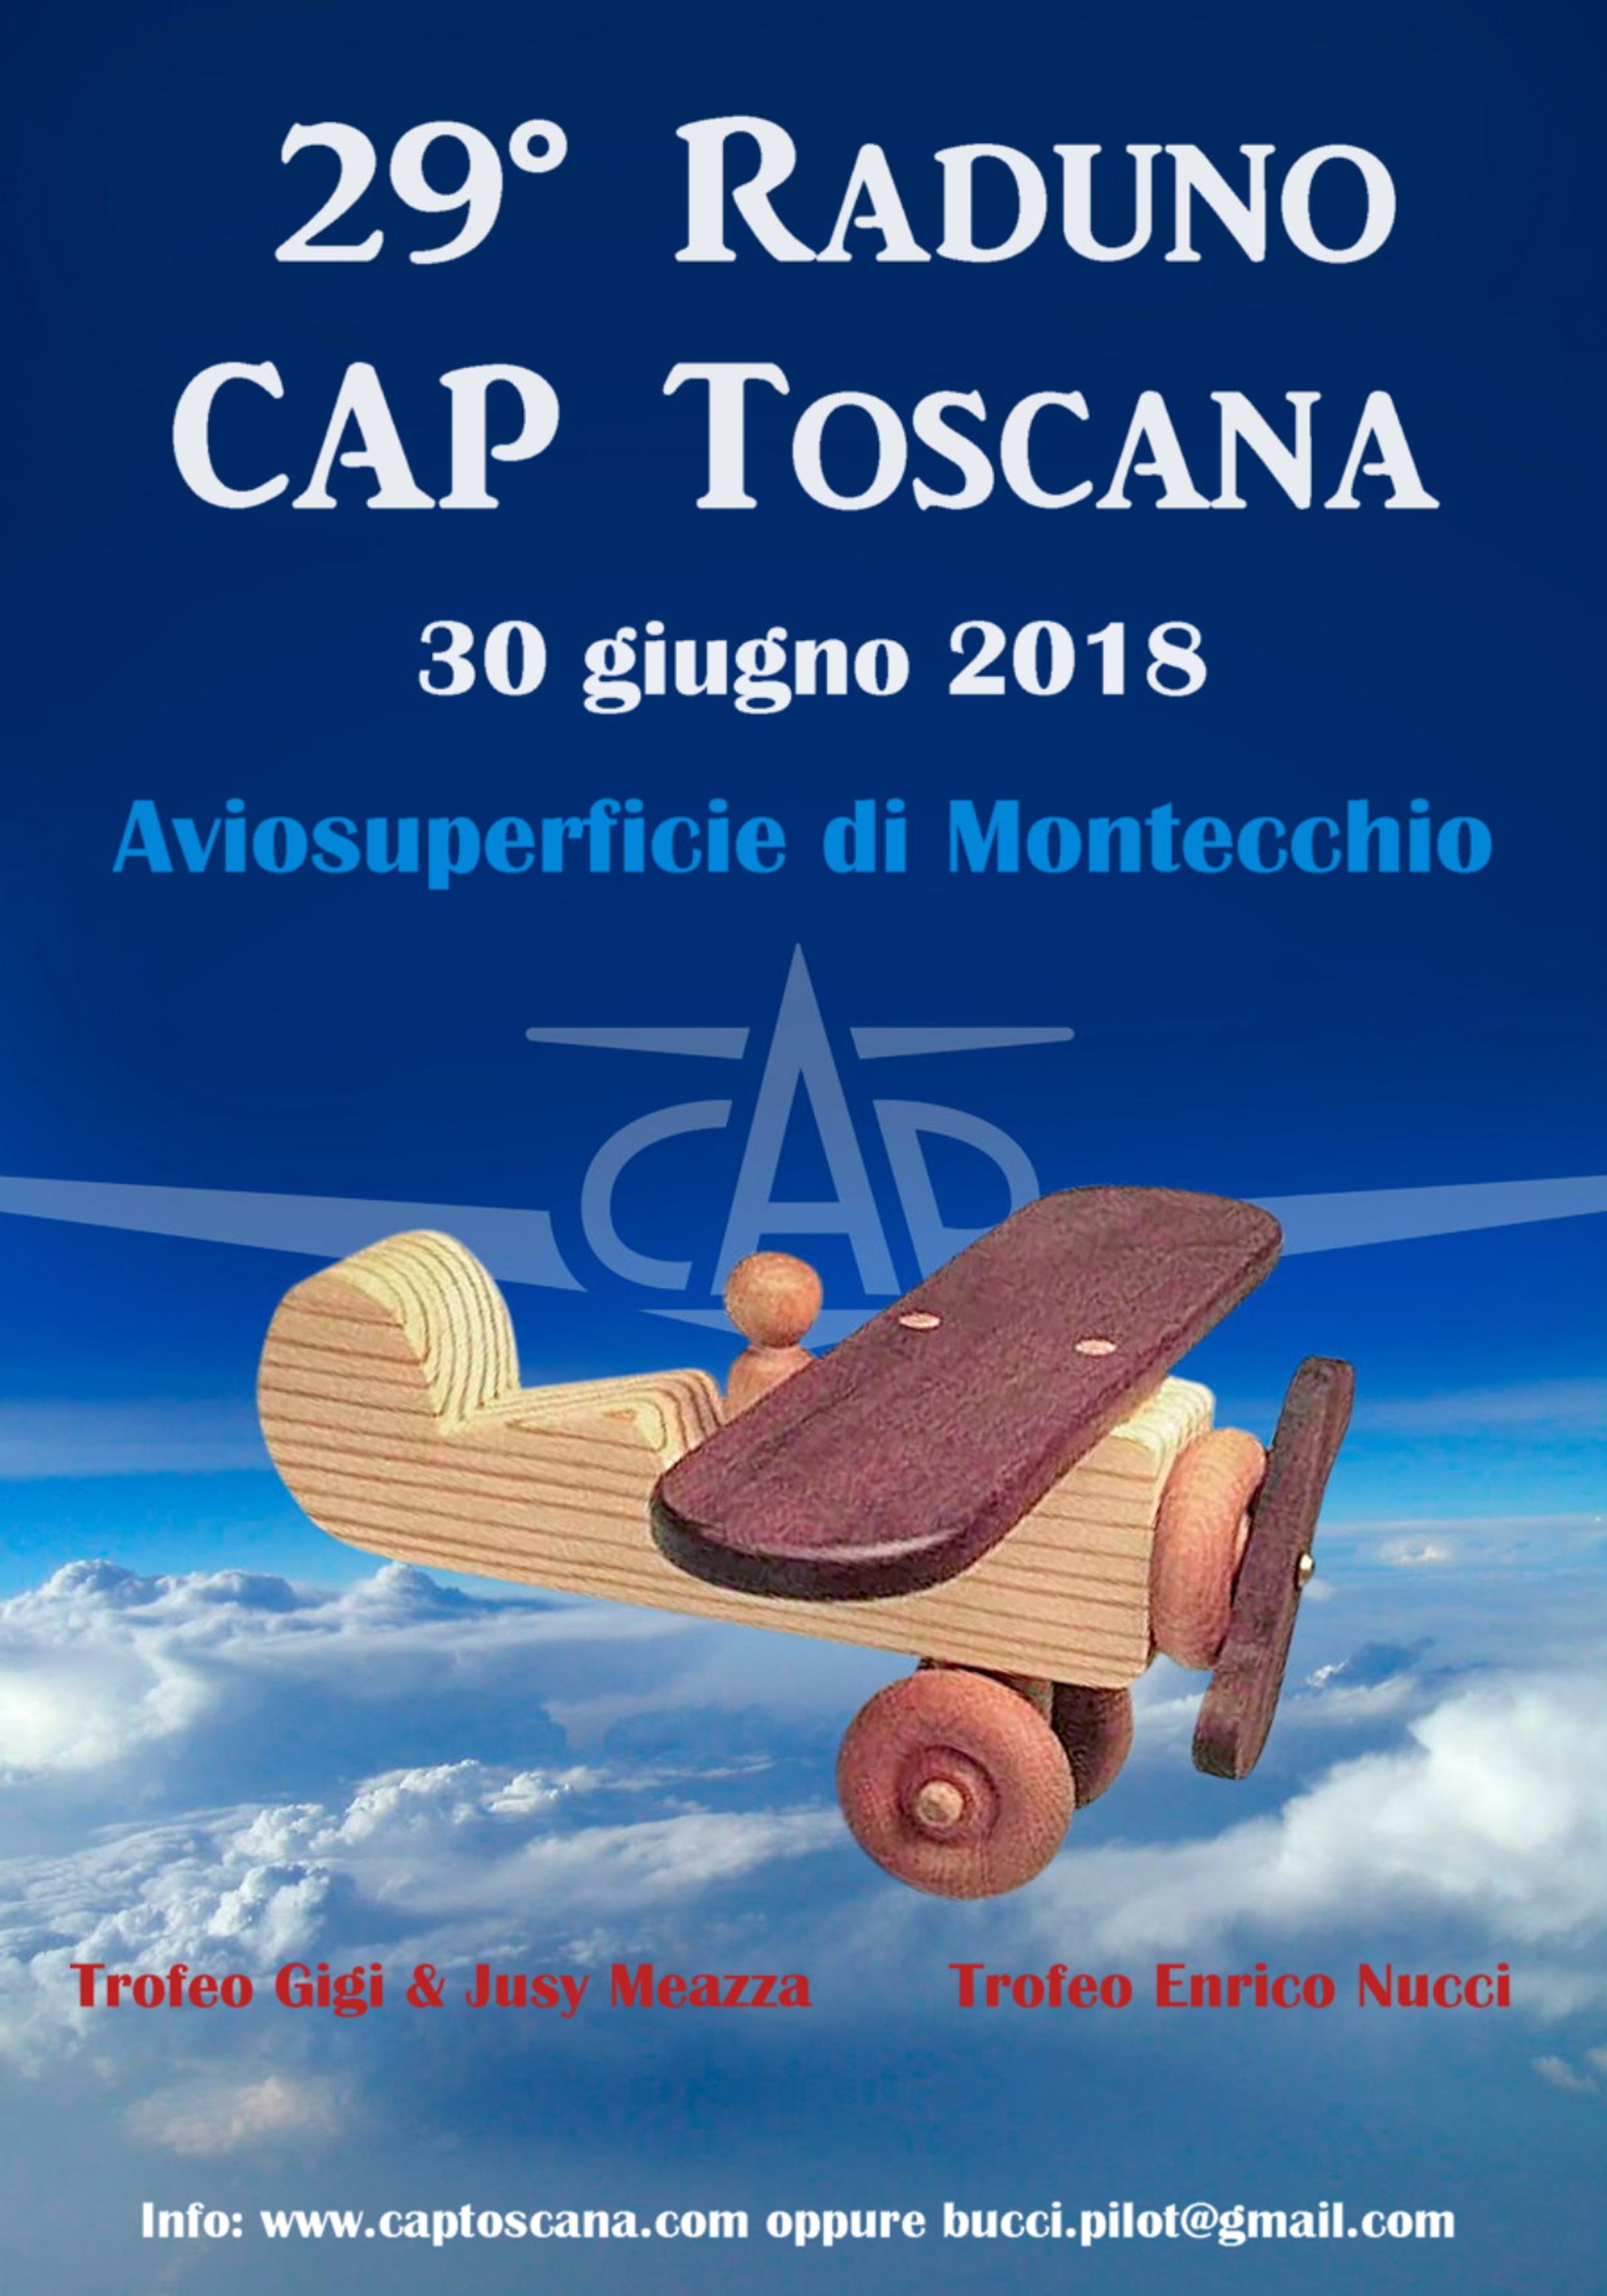 29° Raduno CAP 2018 – Club Aviazione Popolare